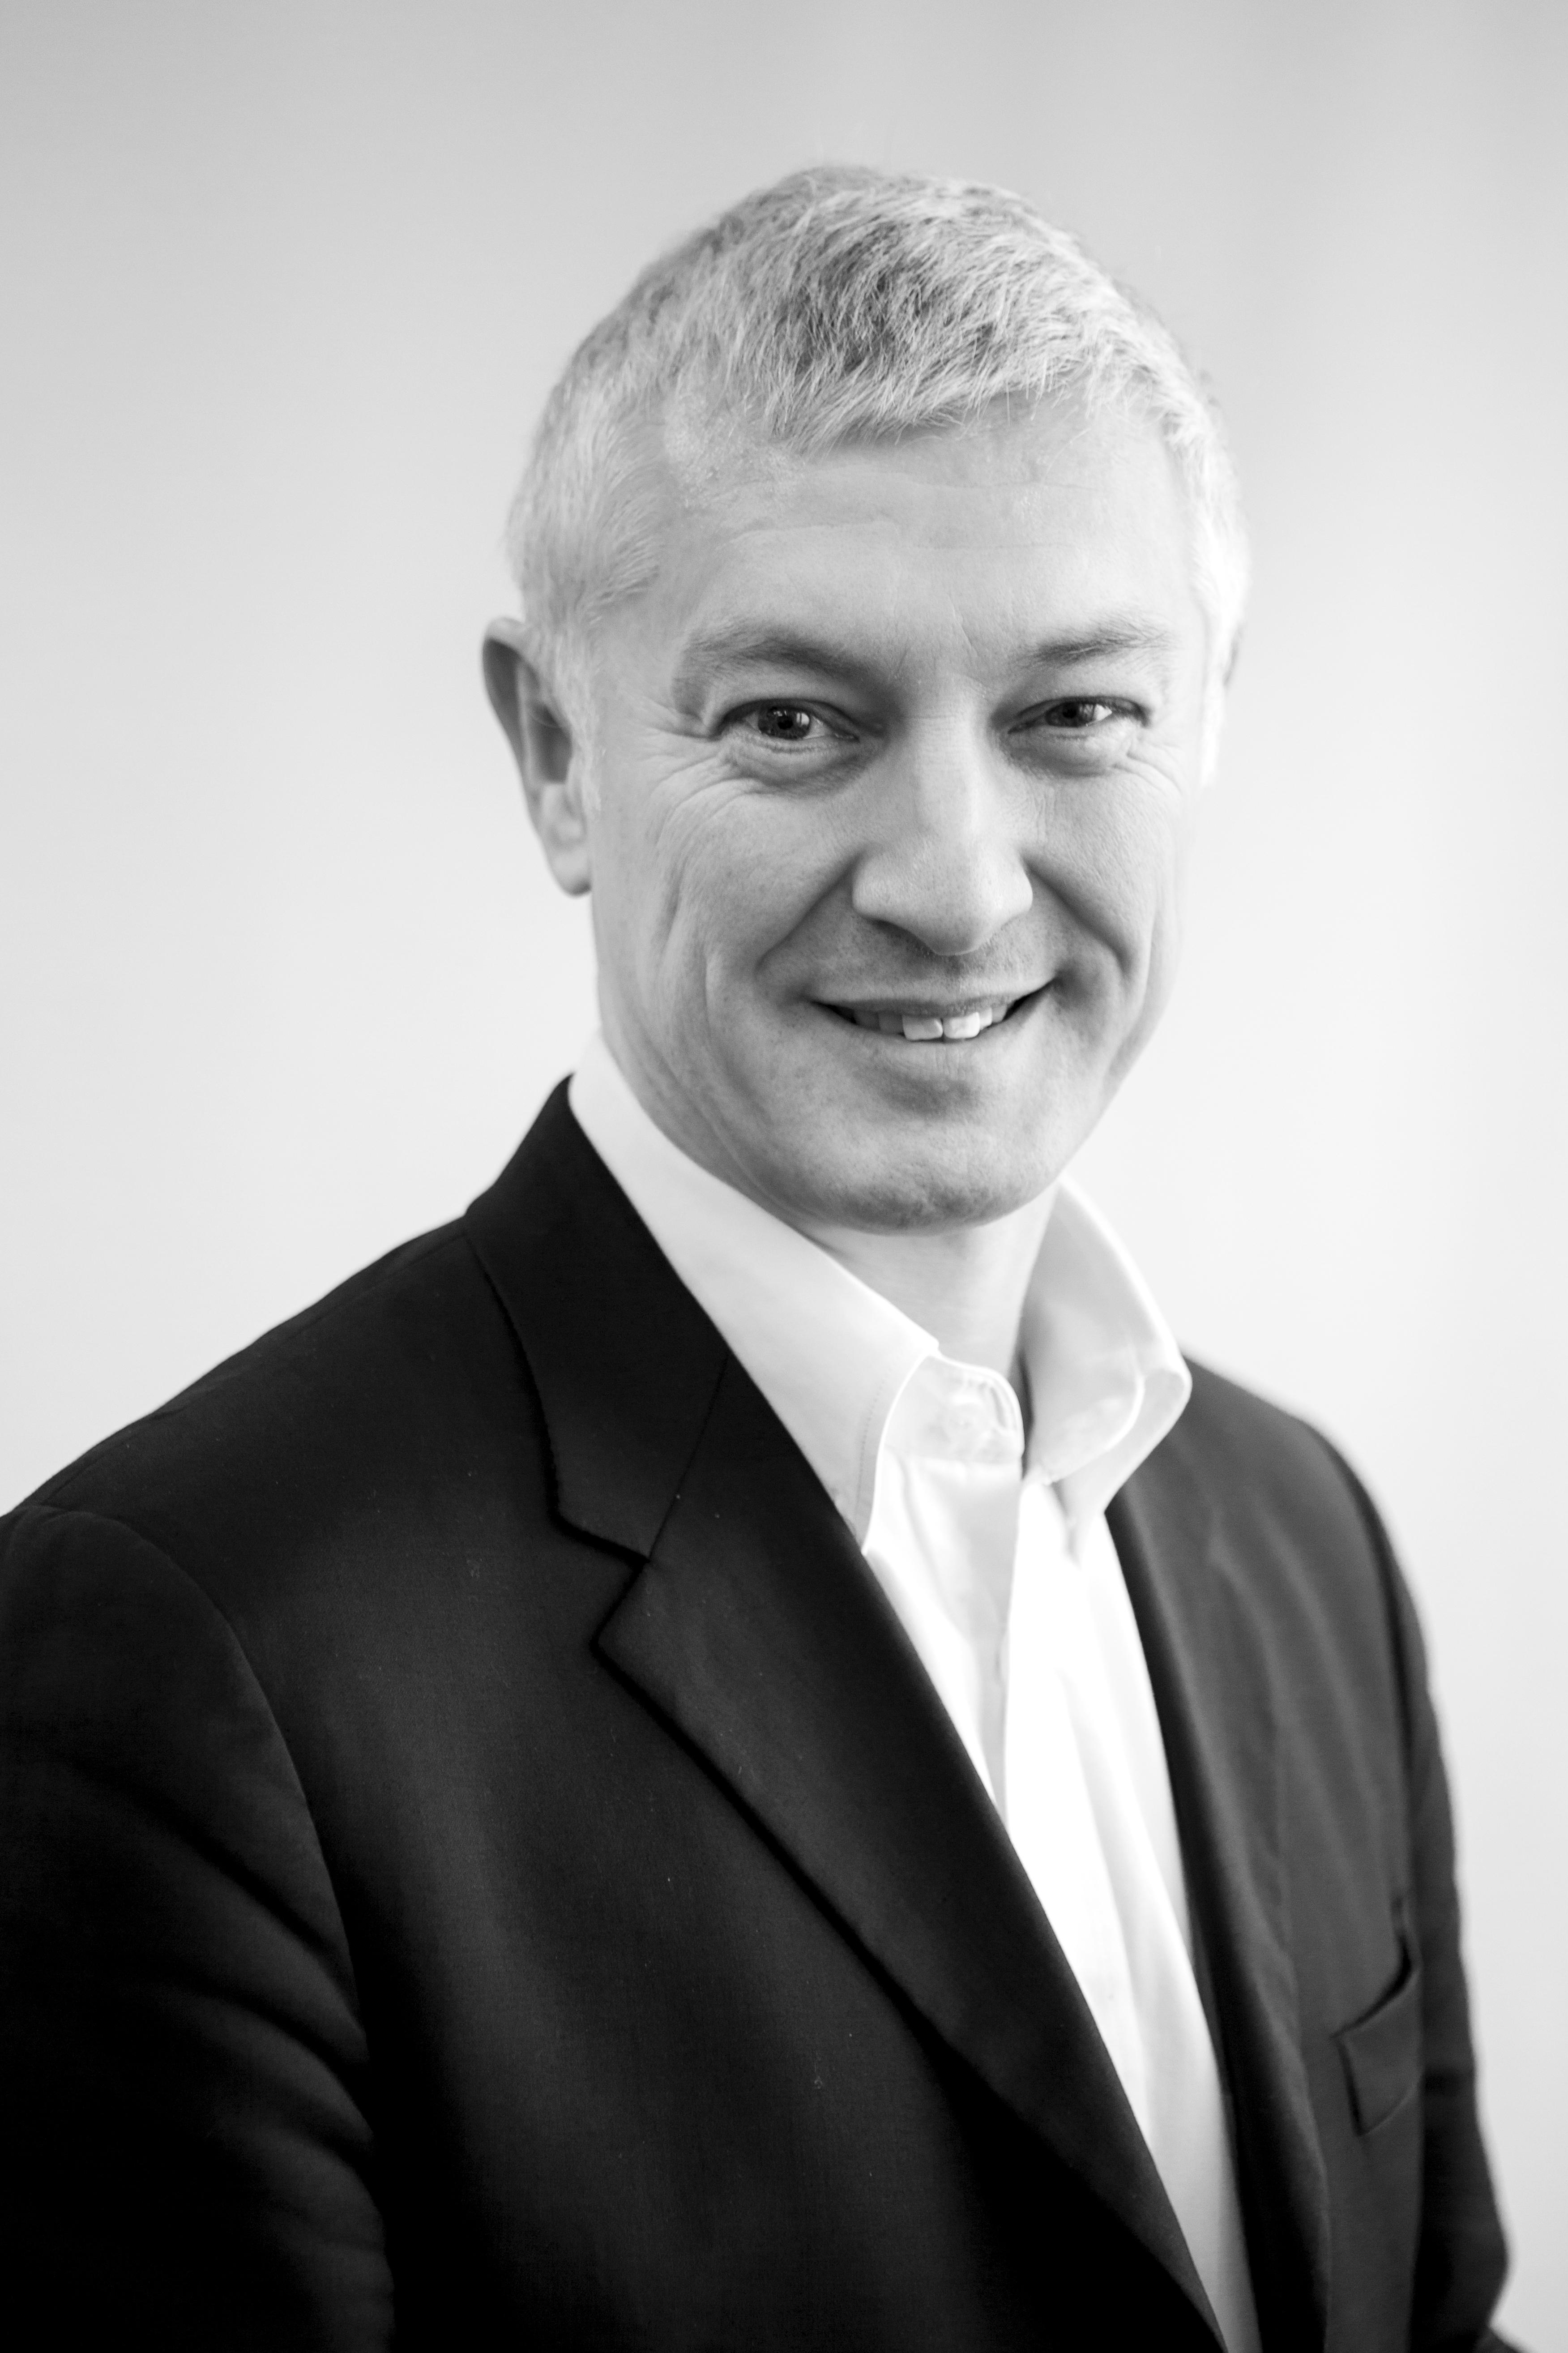 Jon Geldart